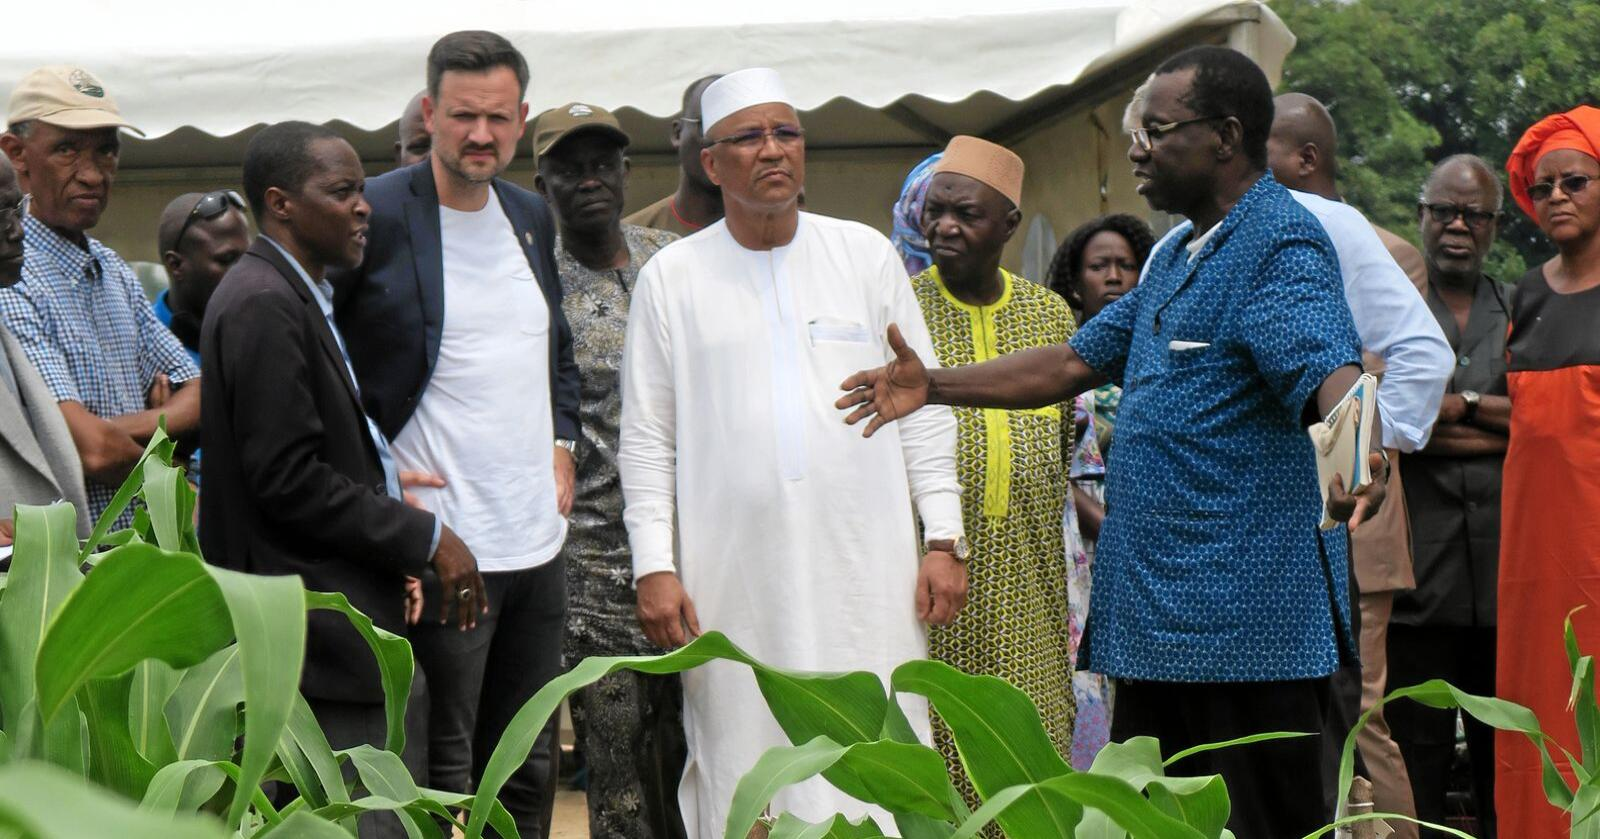 Landbruksprosjekt: Dag-Inge Ulstein i Mali, her sammen med Malis landbruksminister Moulaya Ahmed Boubacar (i hvitt), besøkte et norskstøttet prosjekt. Foto: Ane Haavardsdatter Lunde / Utenriksdepartementet